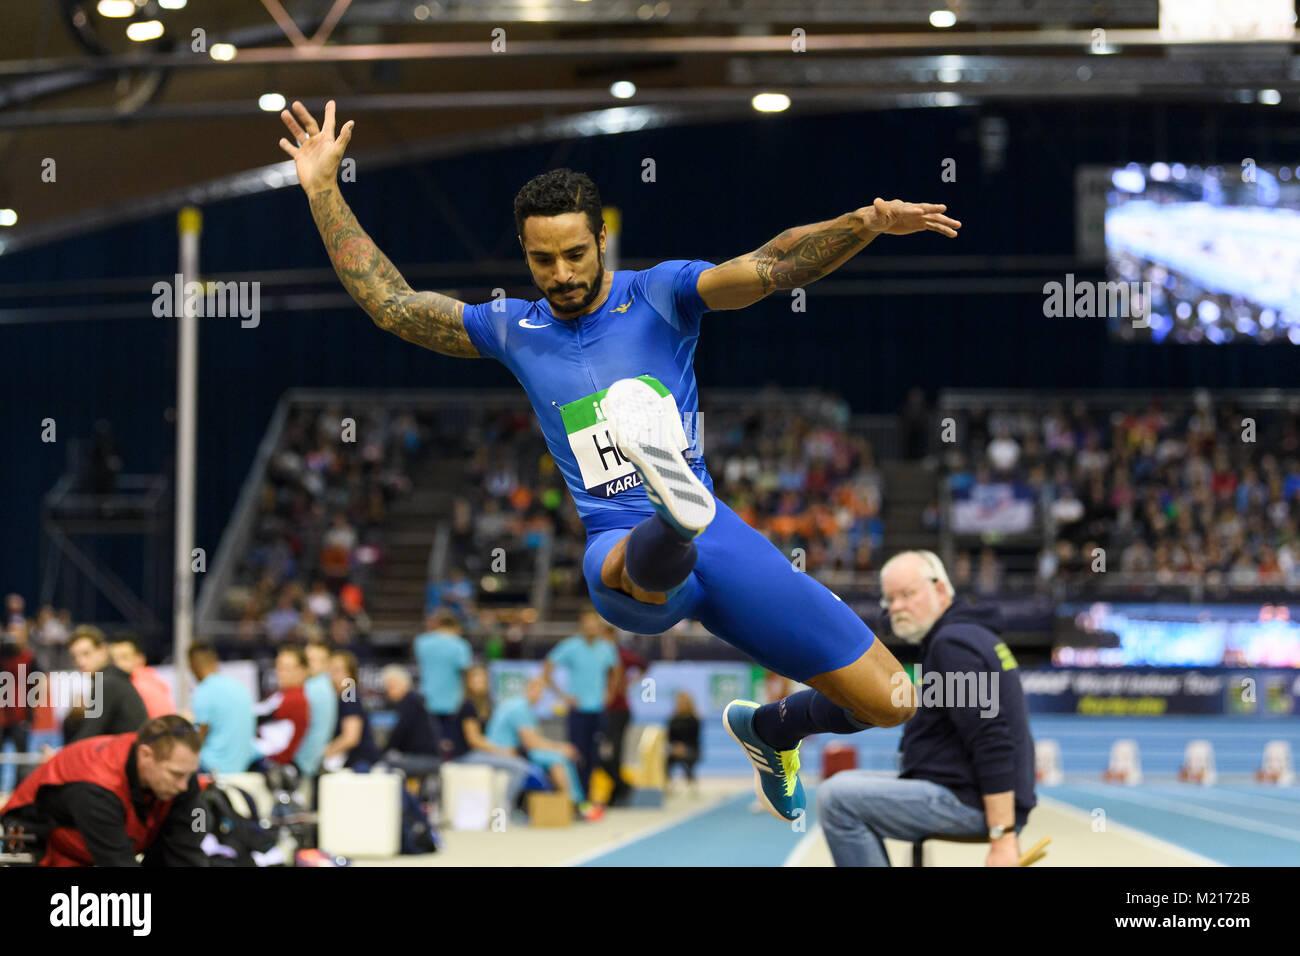 Karlsruhe, Deutschland. 03rd Feb, 2018. Weitsprung Maenner: Andrew Howe (ITA). GES/ Leichtathletik/ Indoor Meeting - Stock Image